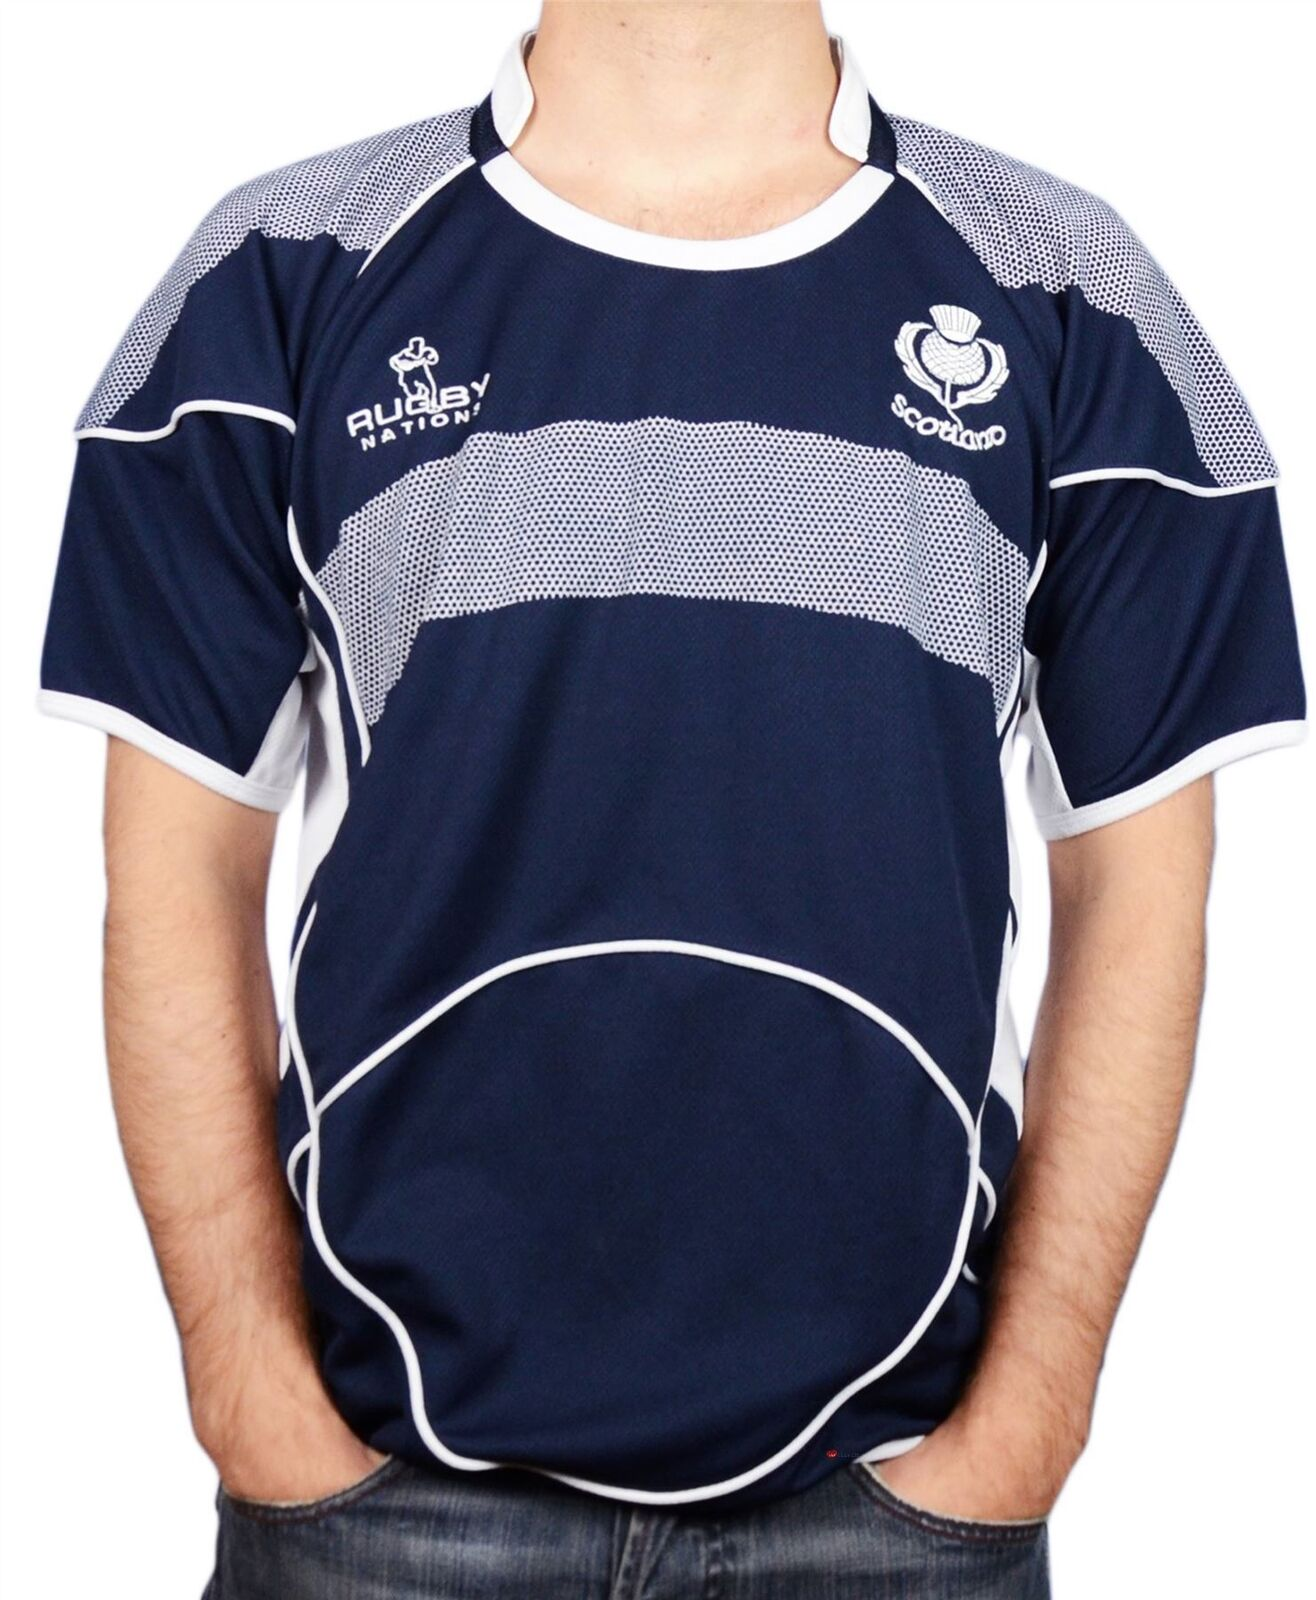 Camicia da uomo rugby Scozia Scollo Tondo Mezza Manica Taglia 2X-LARGE